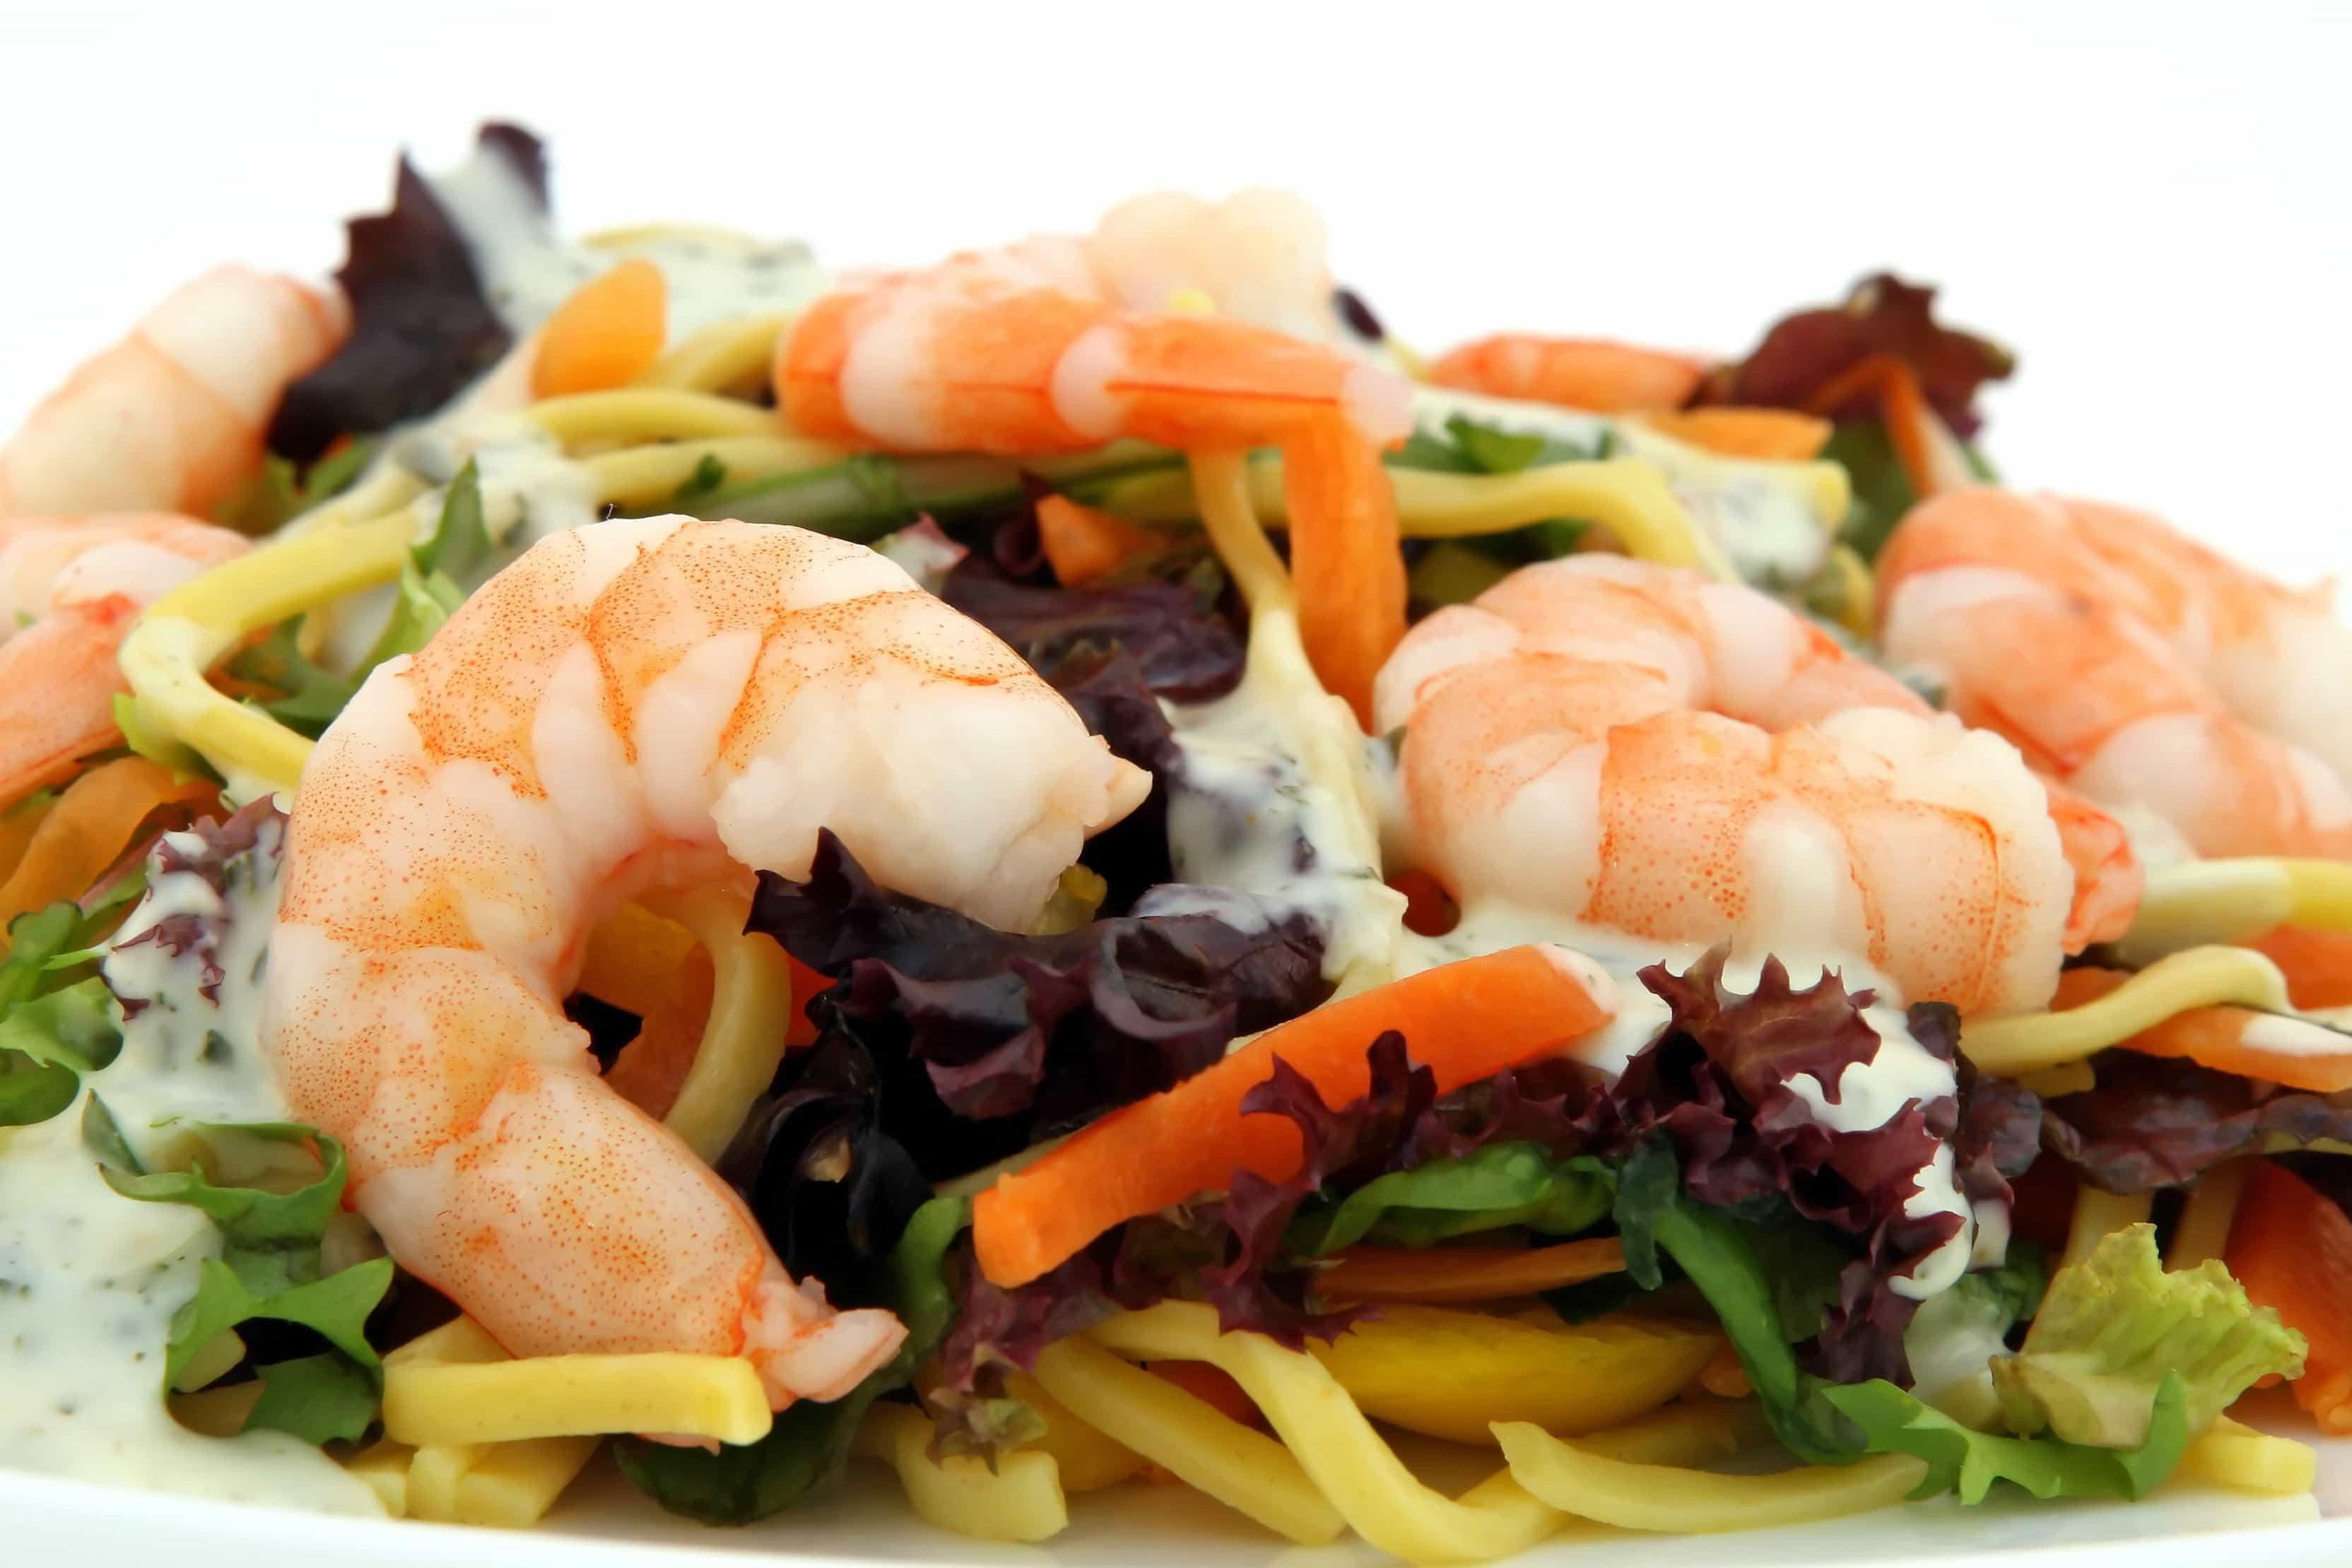 Gratis Billede Frokost Middag Retter Salat Lækre Rejer Skaldyr